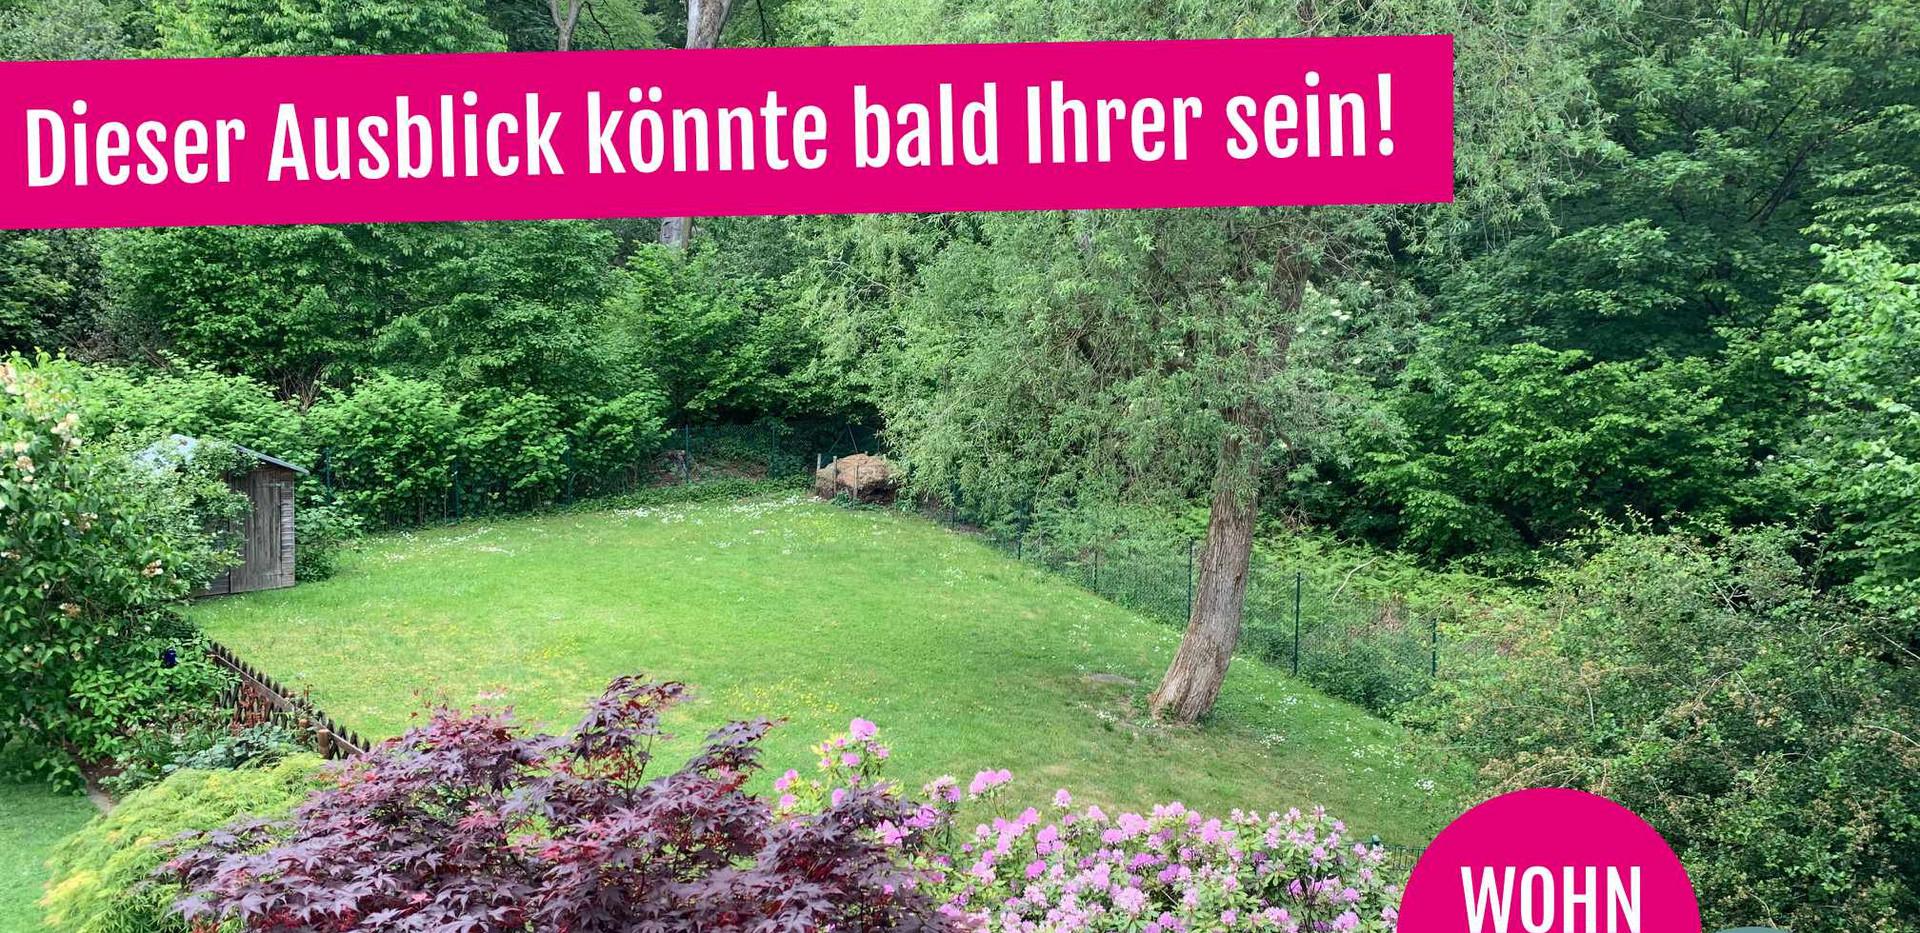 Wohnweisend_Immobilien_Ausblick_T_WVME52